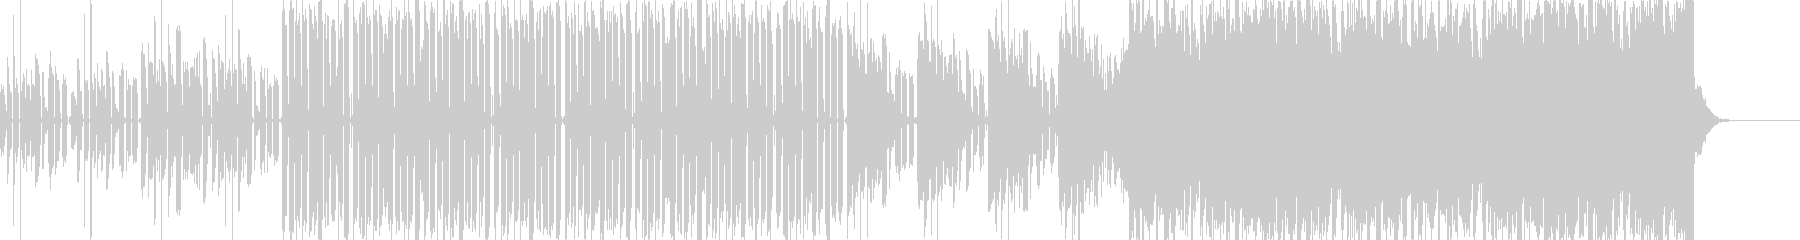 様々な音が入り乱れるテクノ系BGMの未再生の波形